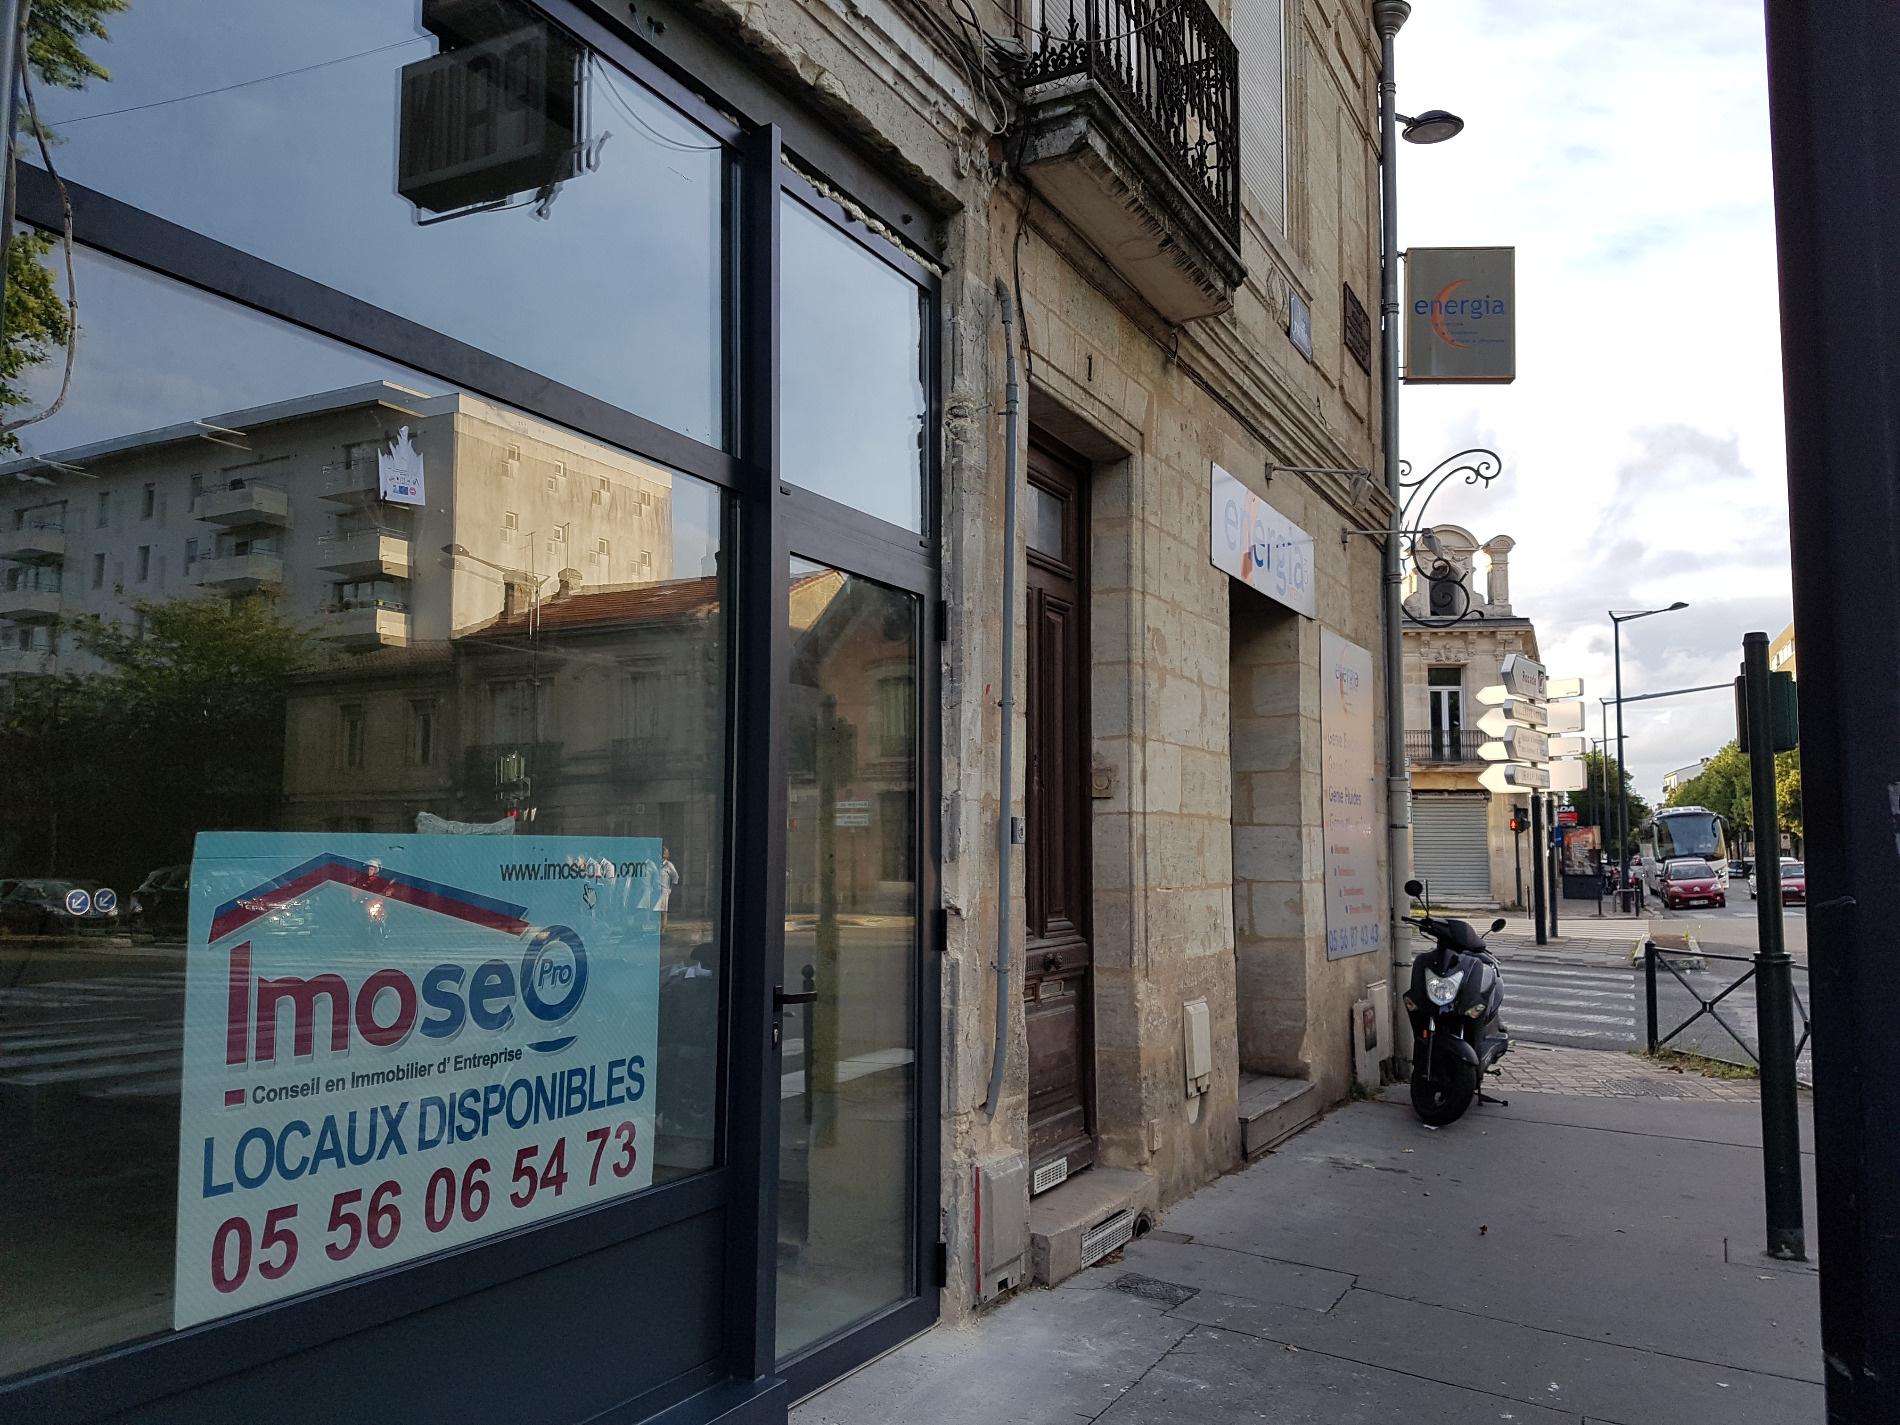 Vente Immobilier Professionnel Bureaux Bordeaux (33800)